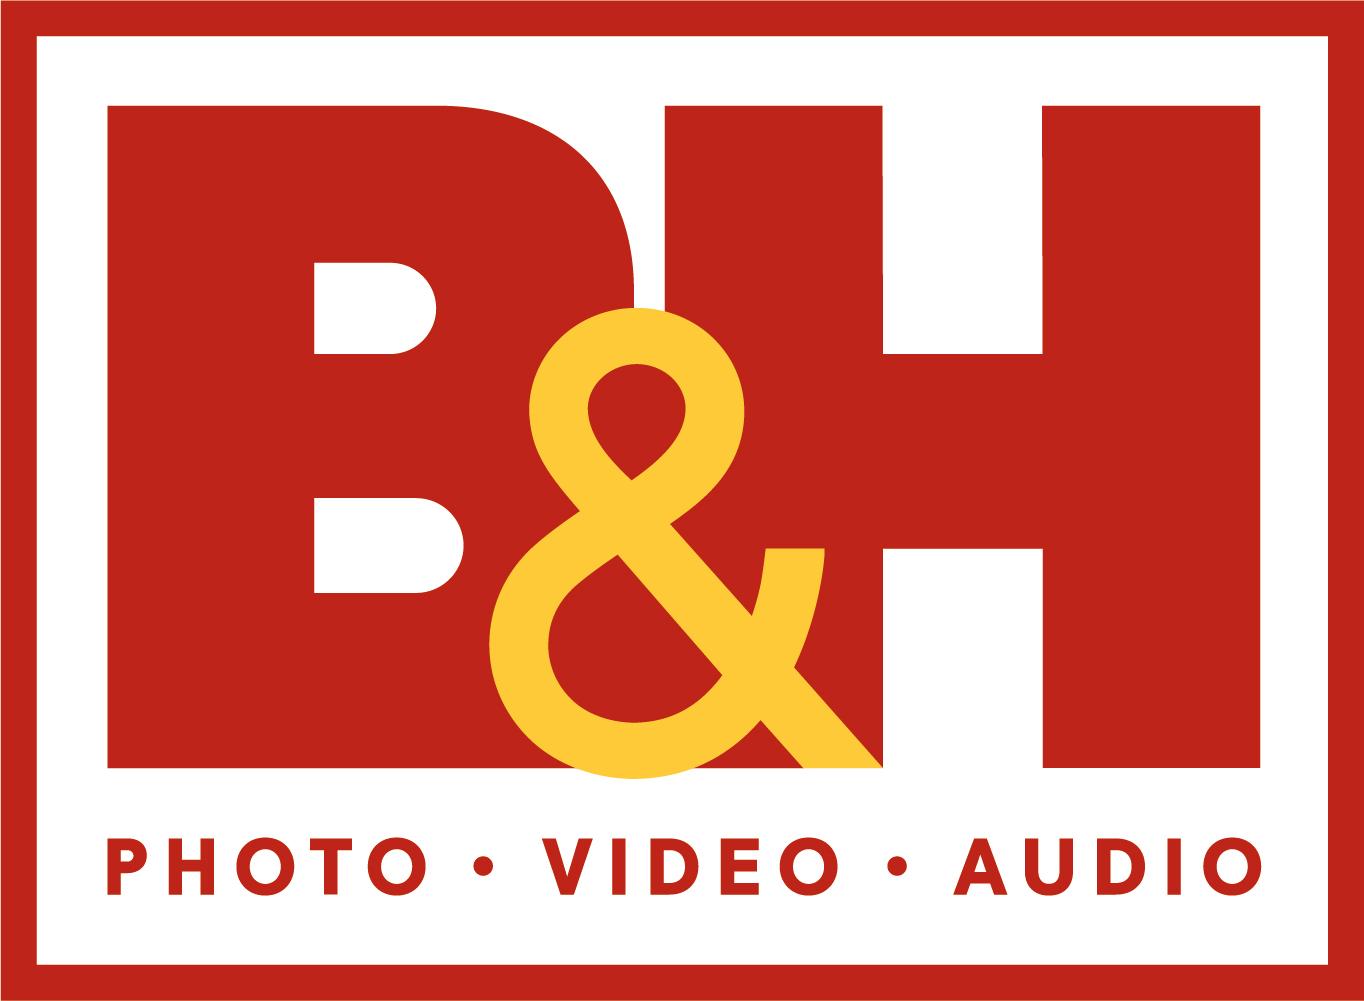 B&H Photo, Video, Audio